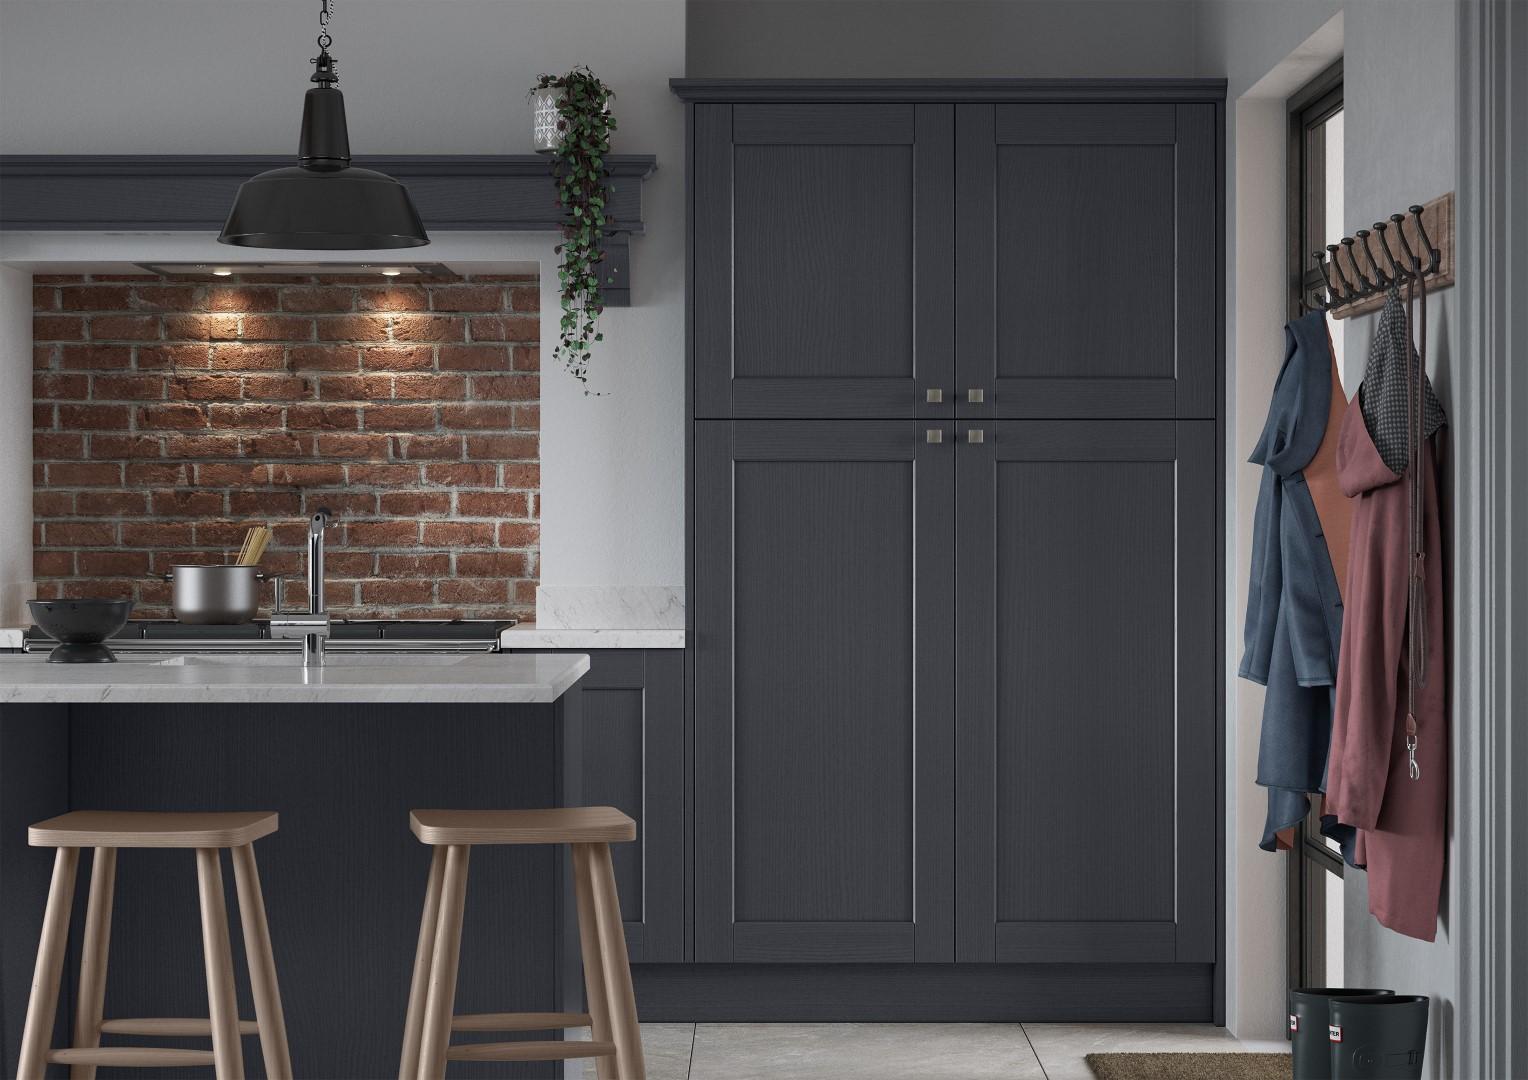 Kensington Indigo - Kitchen Design - Alan Kelly Kitchens - Waterford - 3